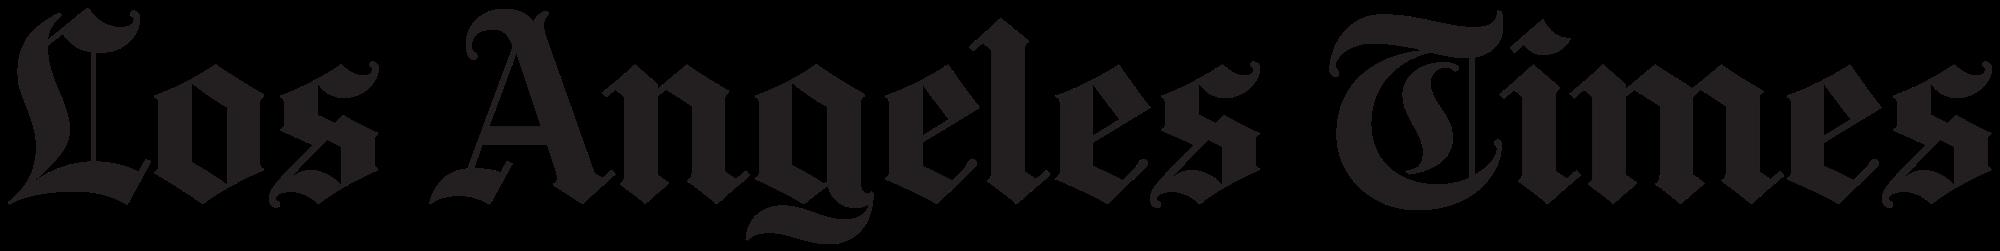 LAT-logo.png